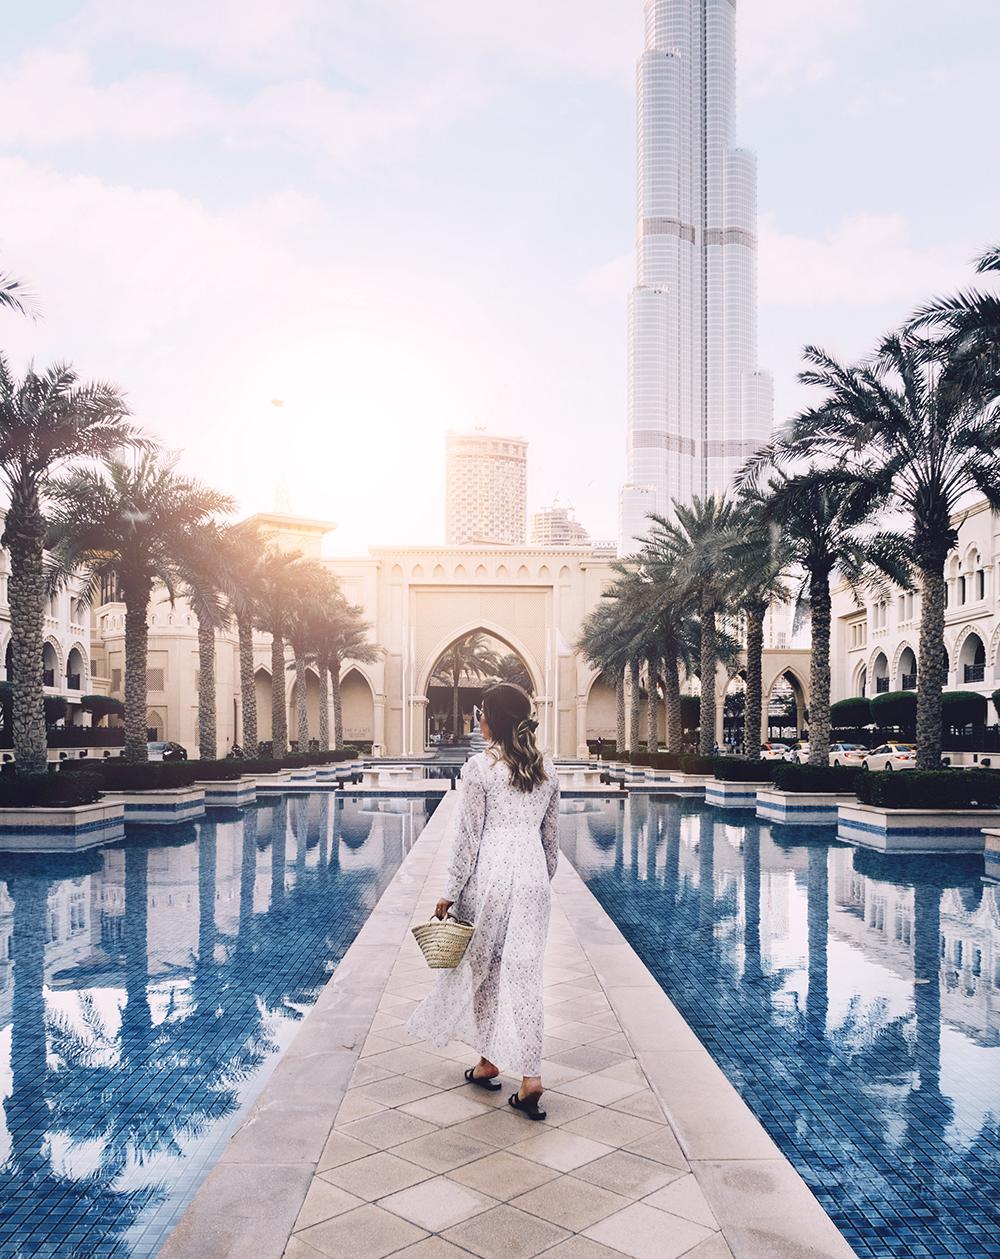 Dubai koukku paikoissa